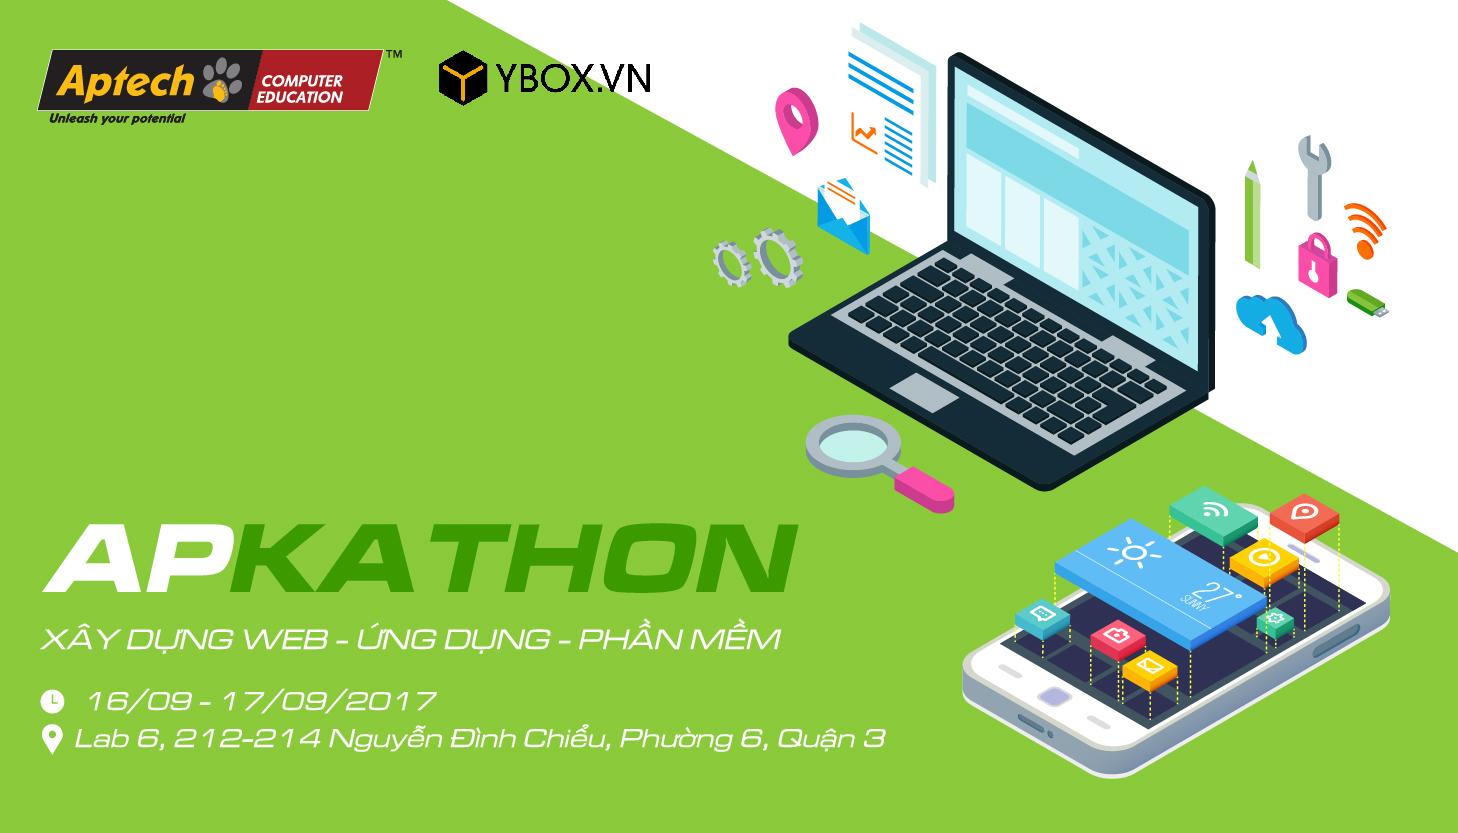 Apkathon 2017 chính thức khởi động